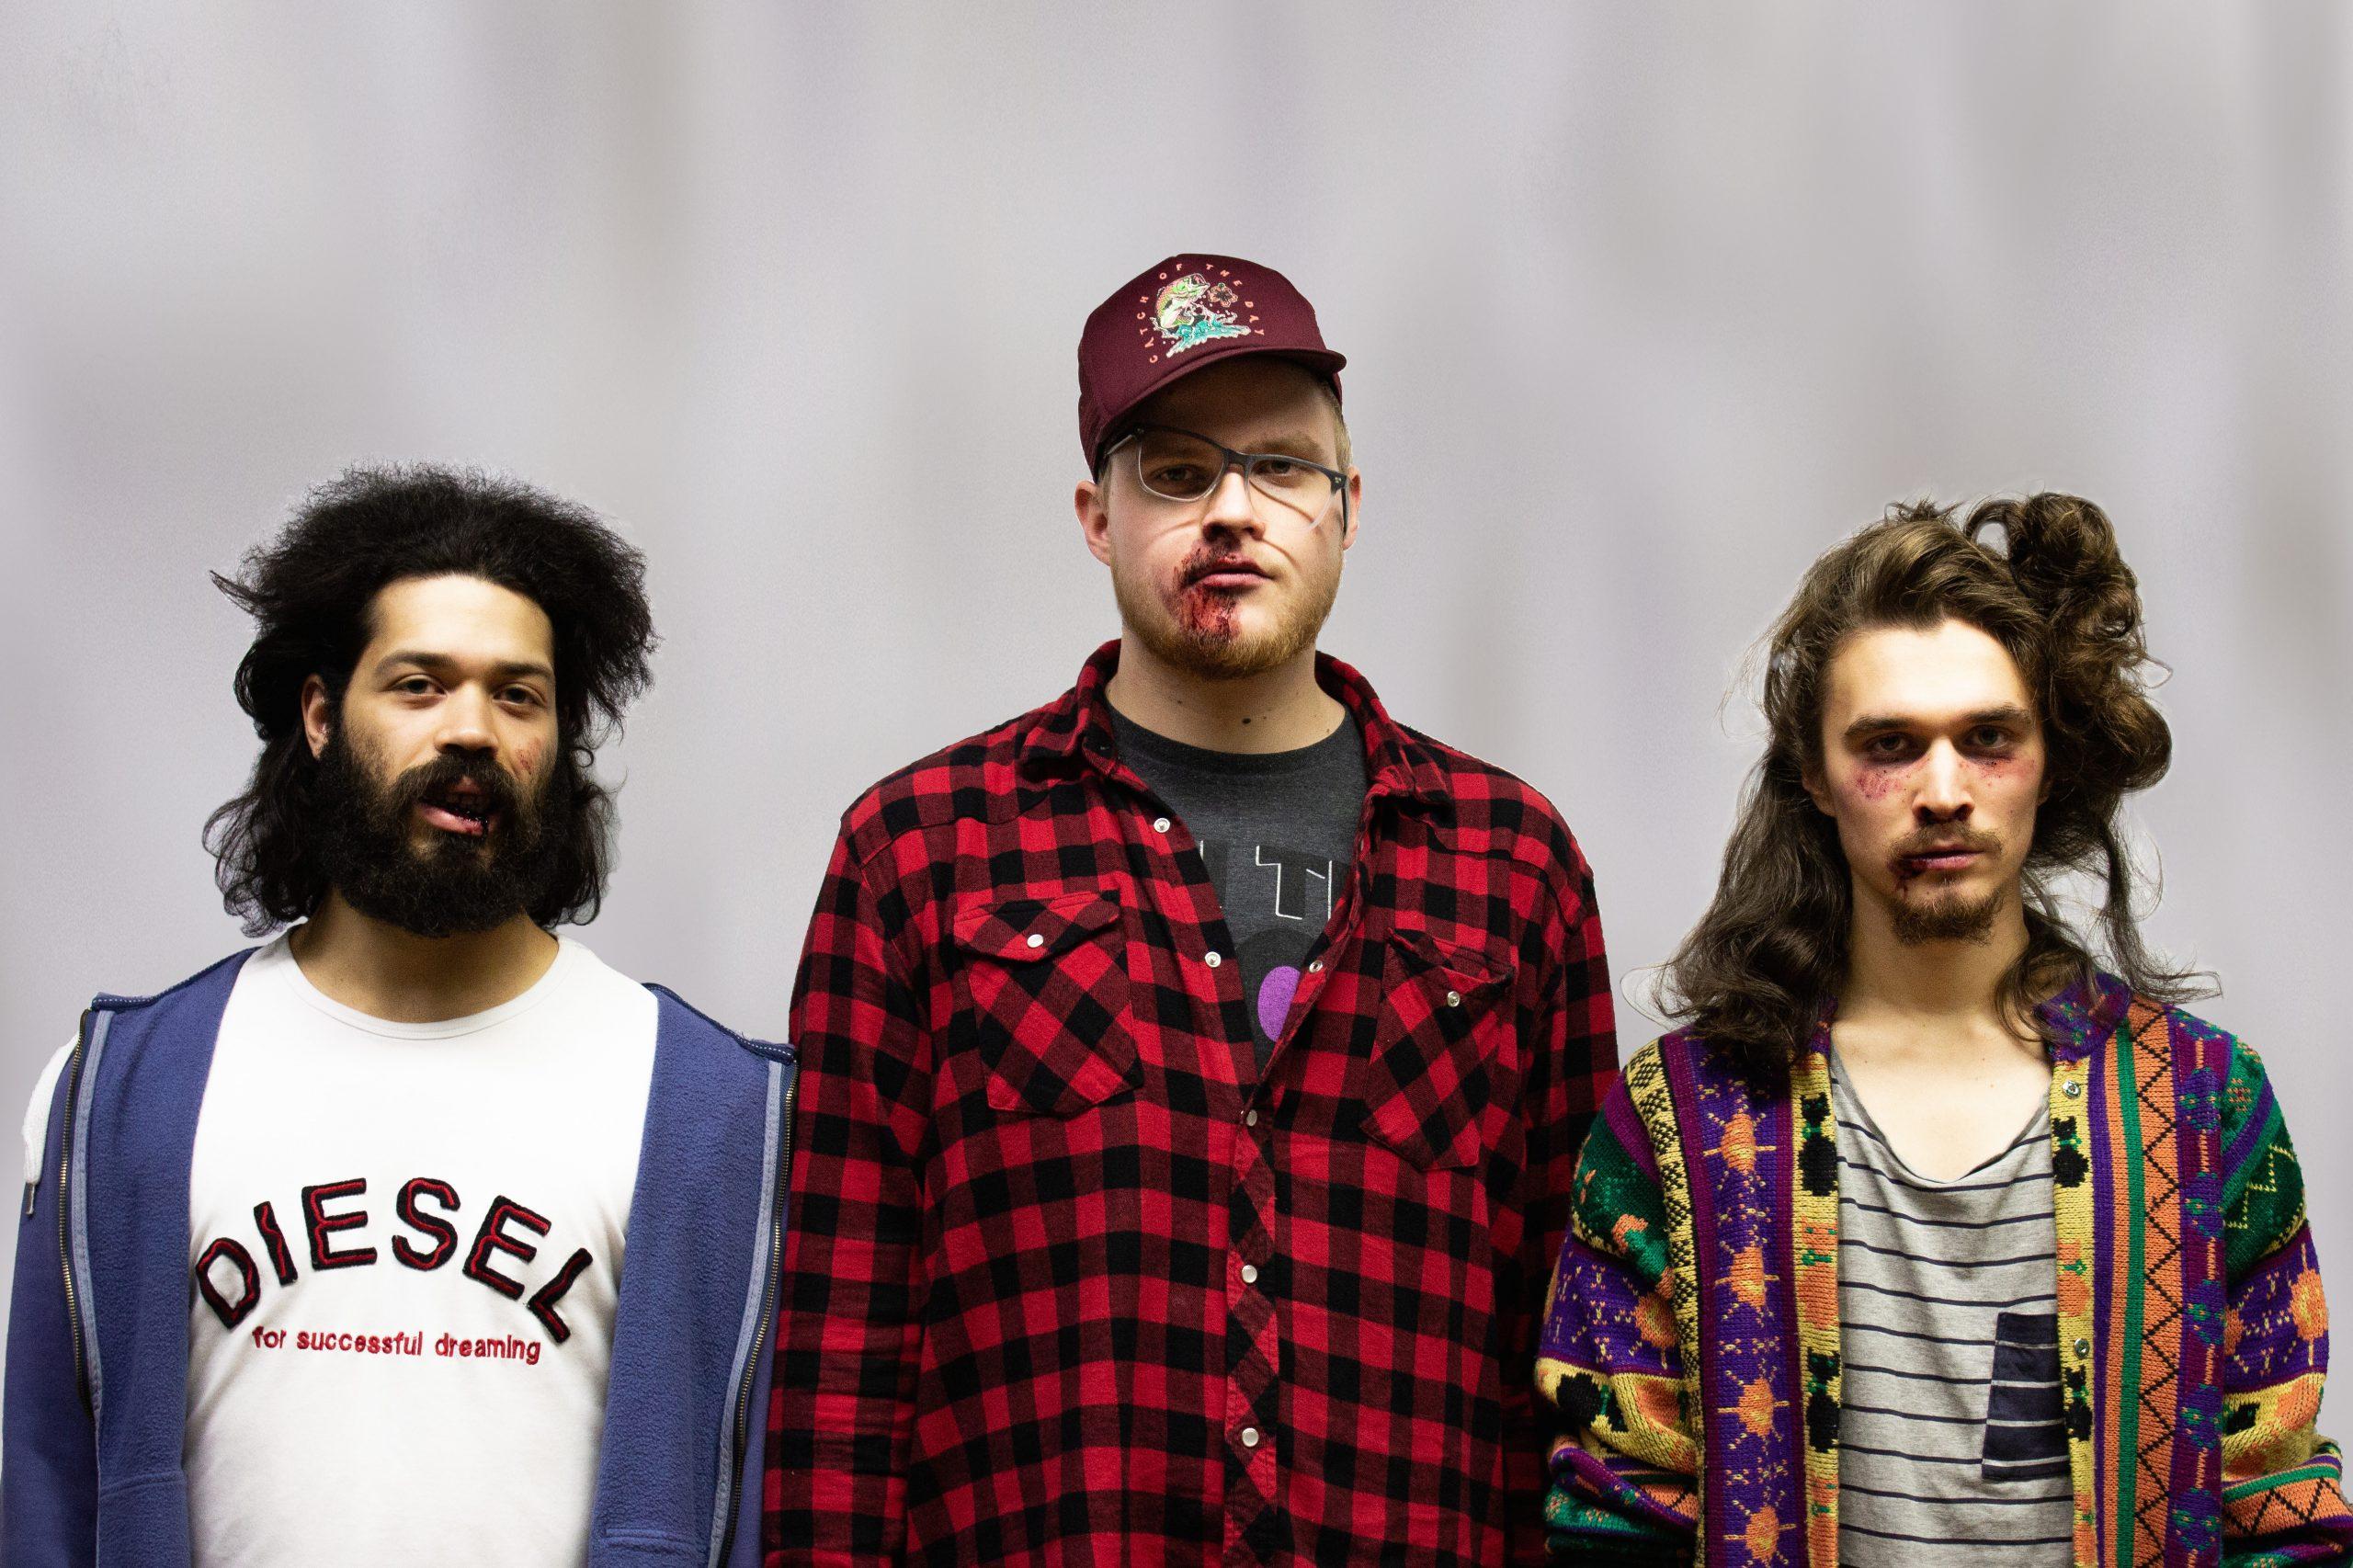 Nujakka-yhtyeen promokuvassa kolme nuorta lievästi pahoinpideltyä nuorta miestä.